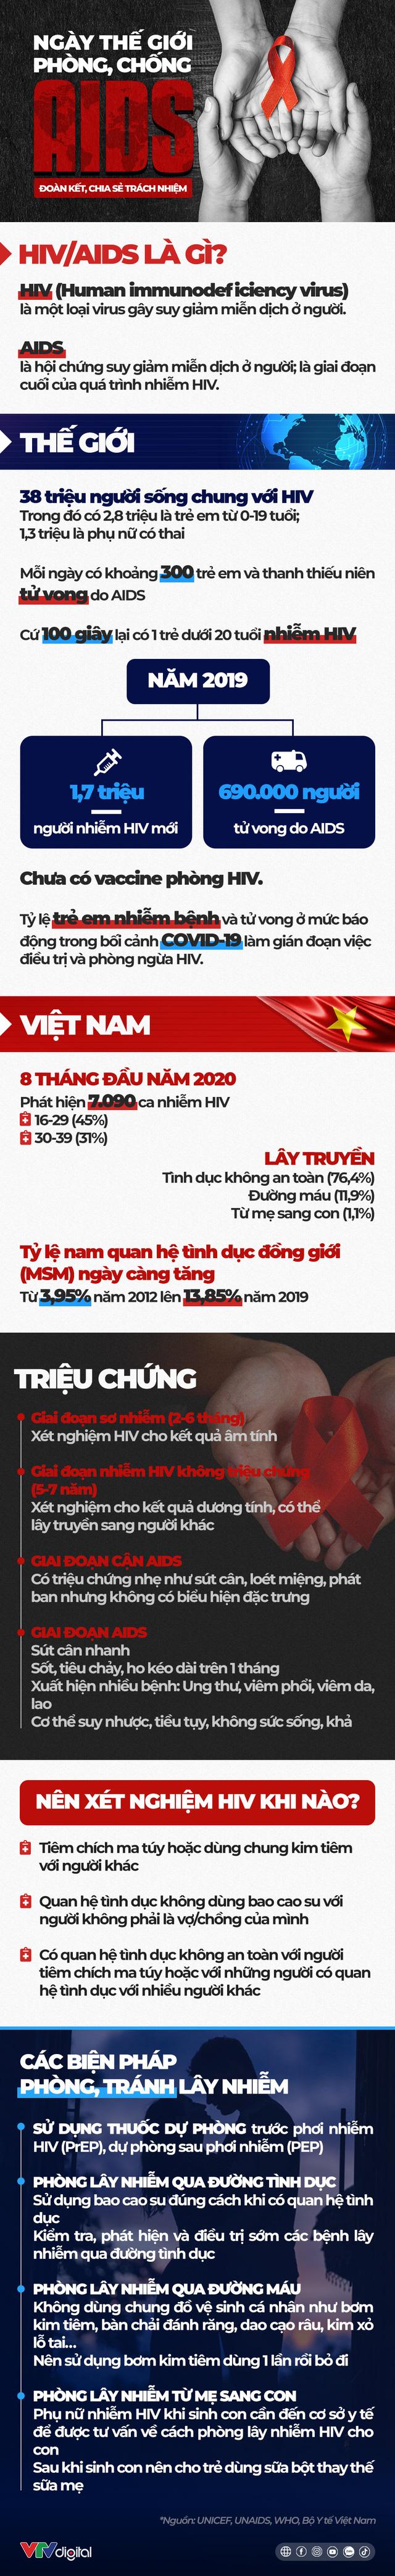 [INFOGRAPHIC] Ngày thế giới phòng, chống AIDS: Đoàn kết, chia sẻ trách nhiệm - Ảnh 1.